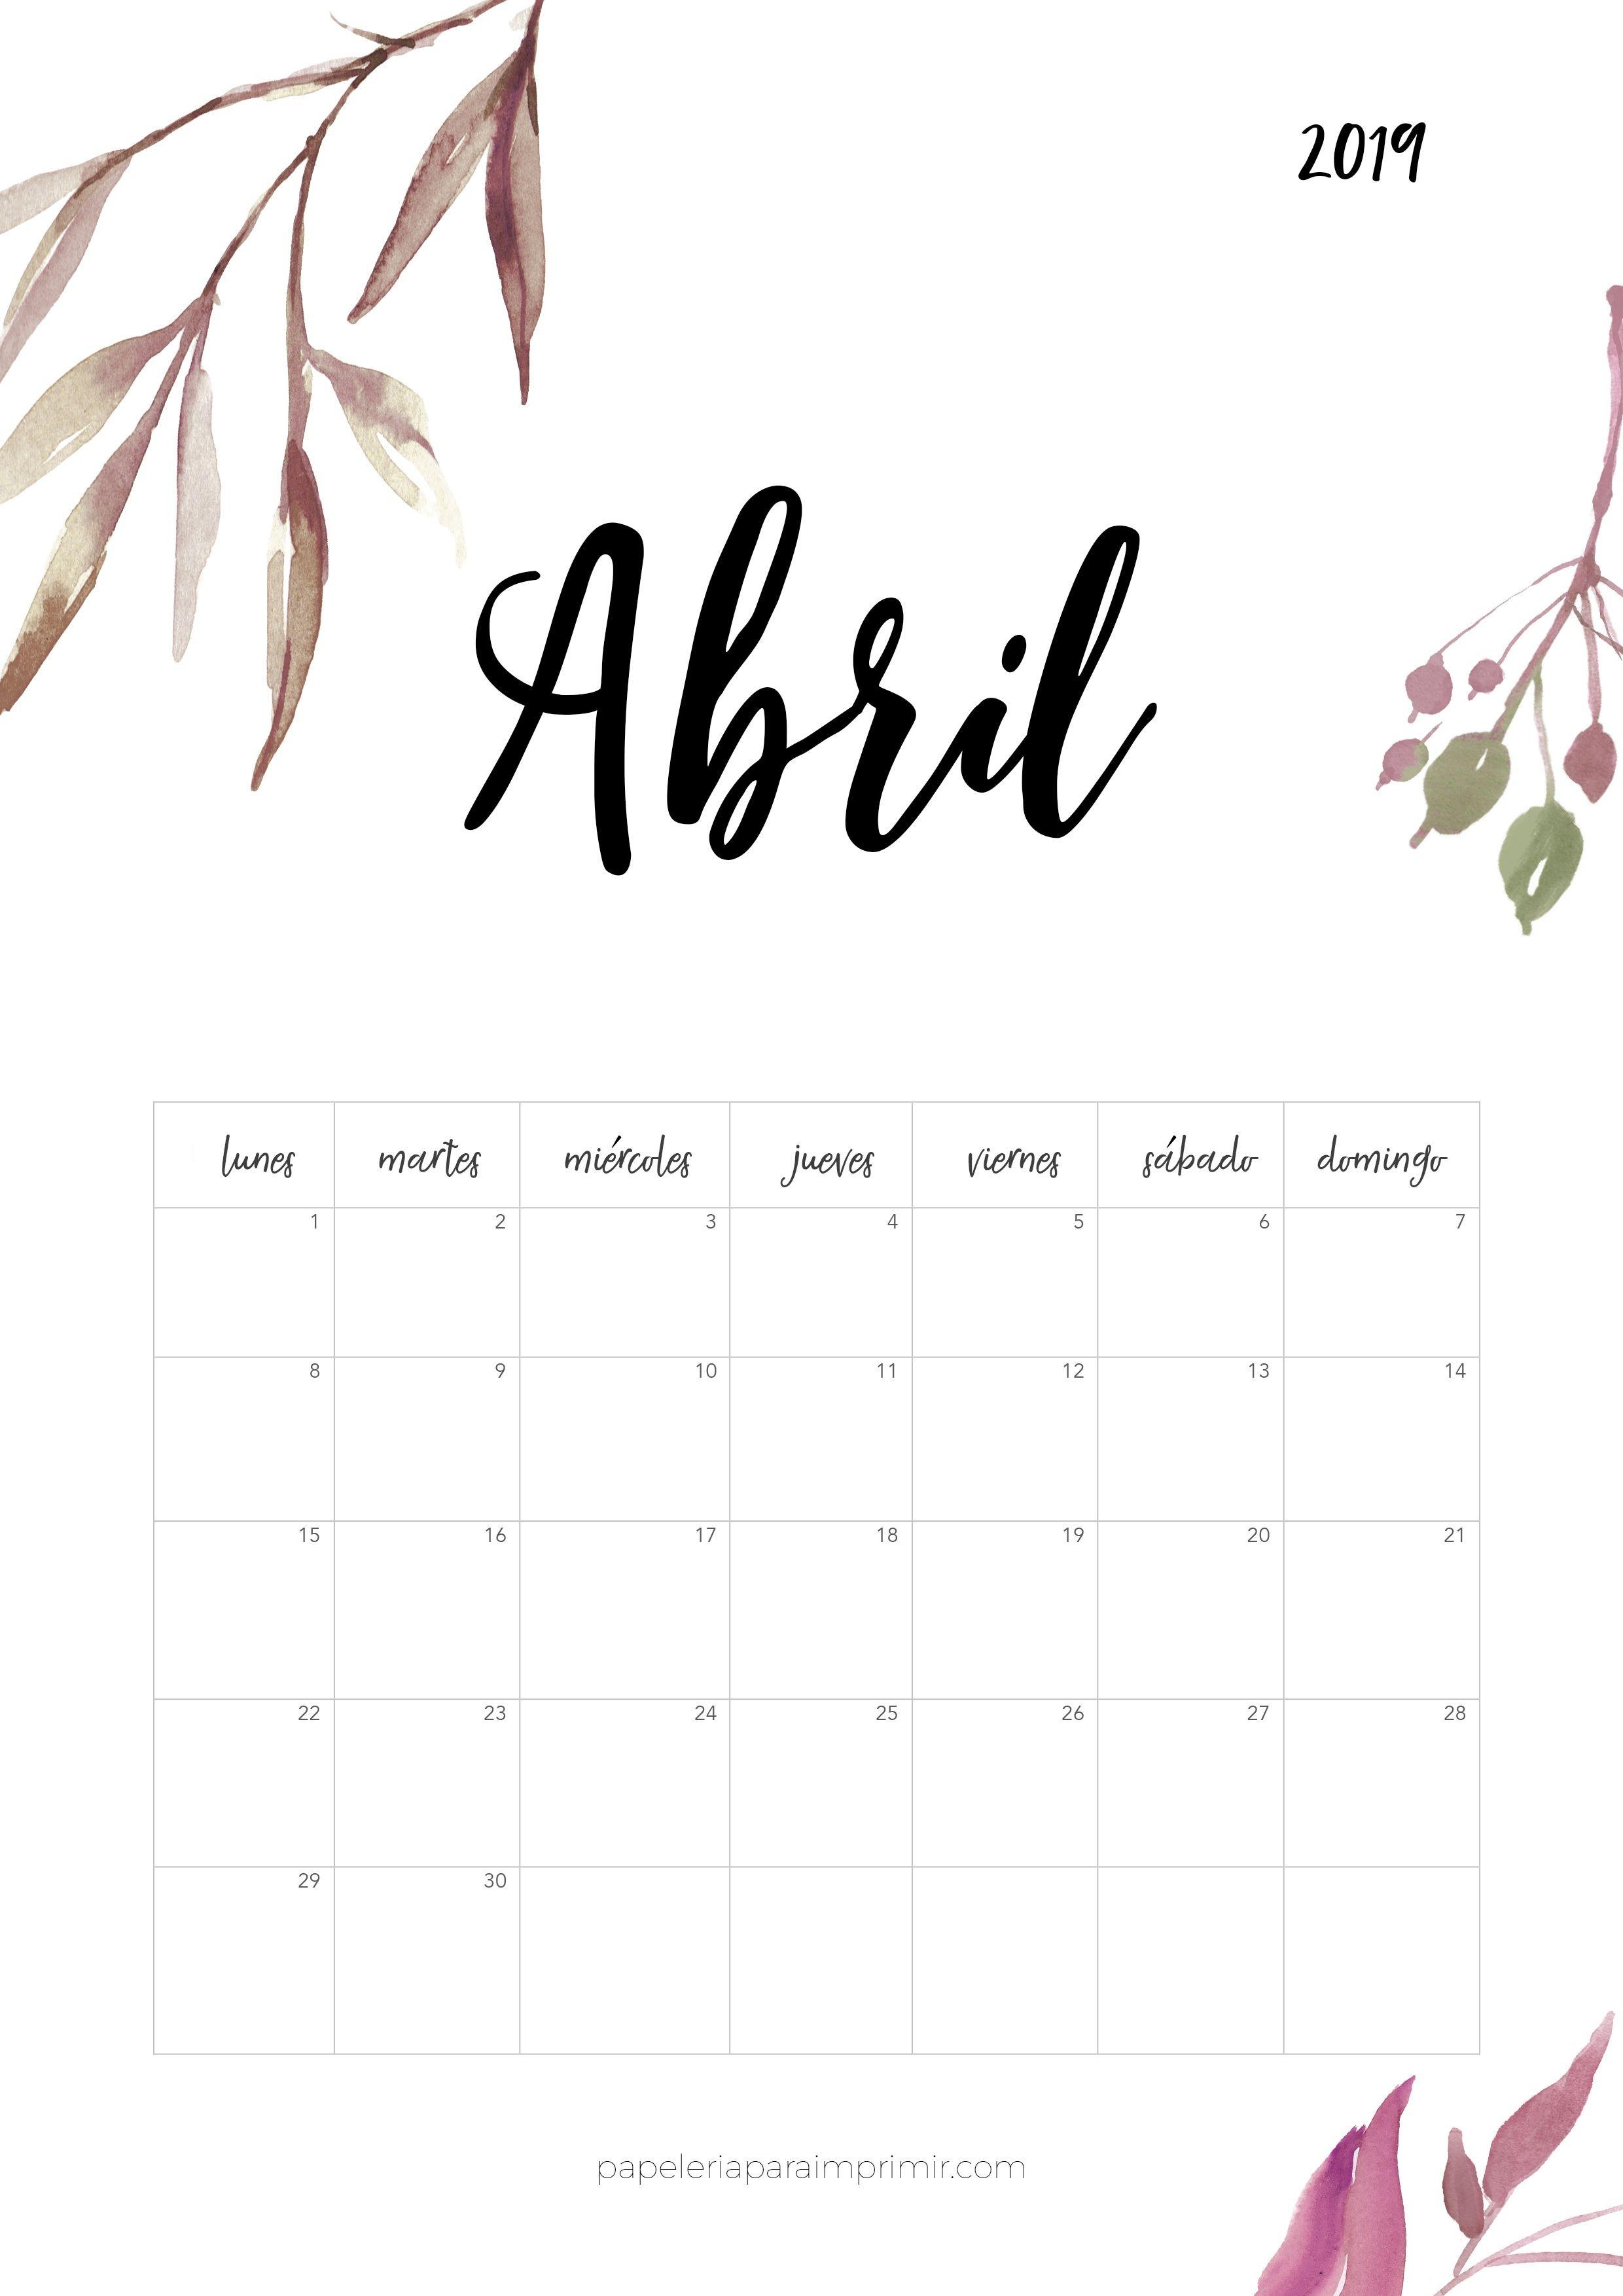 Calendario Para Imprimir 2019 Enero Más Recientes Calendario Para Imprimir 2019 Abril Calendario Calendar Of Calendario Para Imprimir 2019 Enero Más Recientes Curriculum Vitae Basico Word Para Descargar